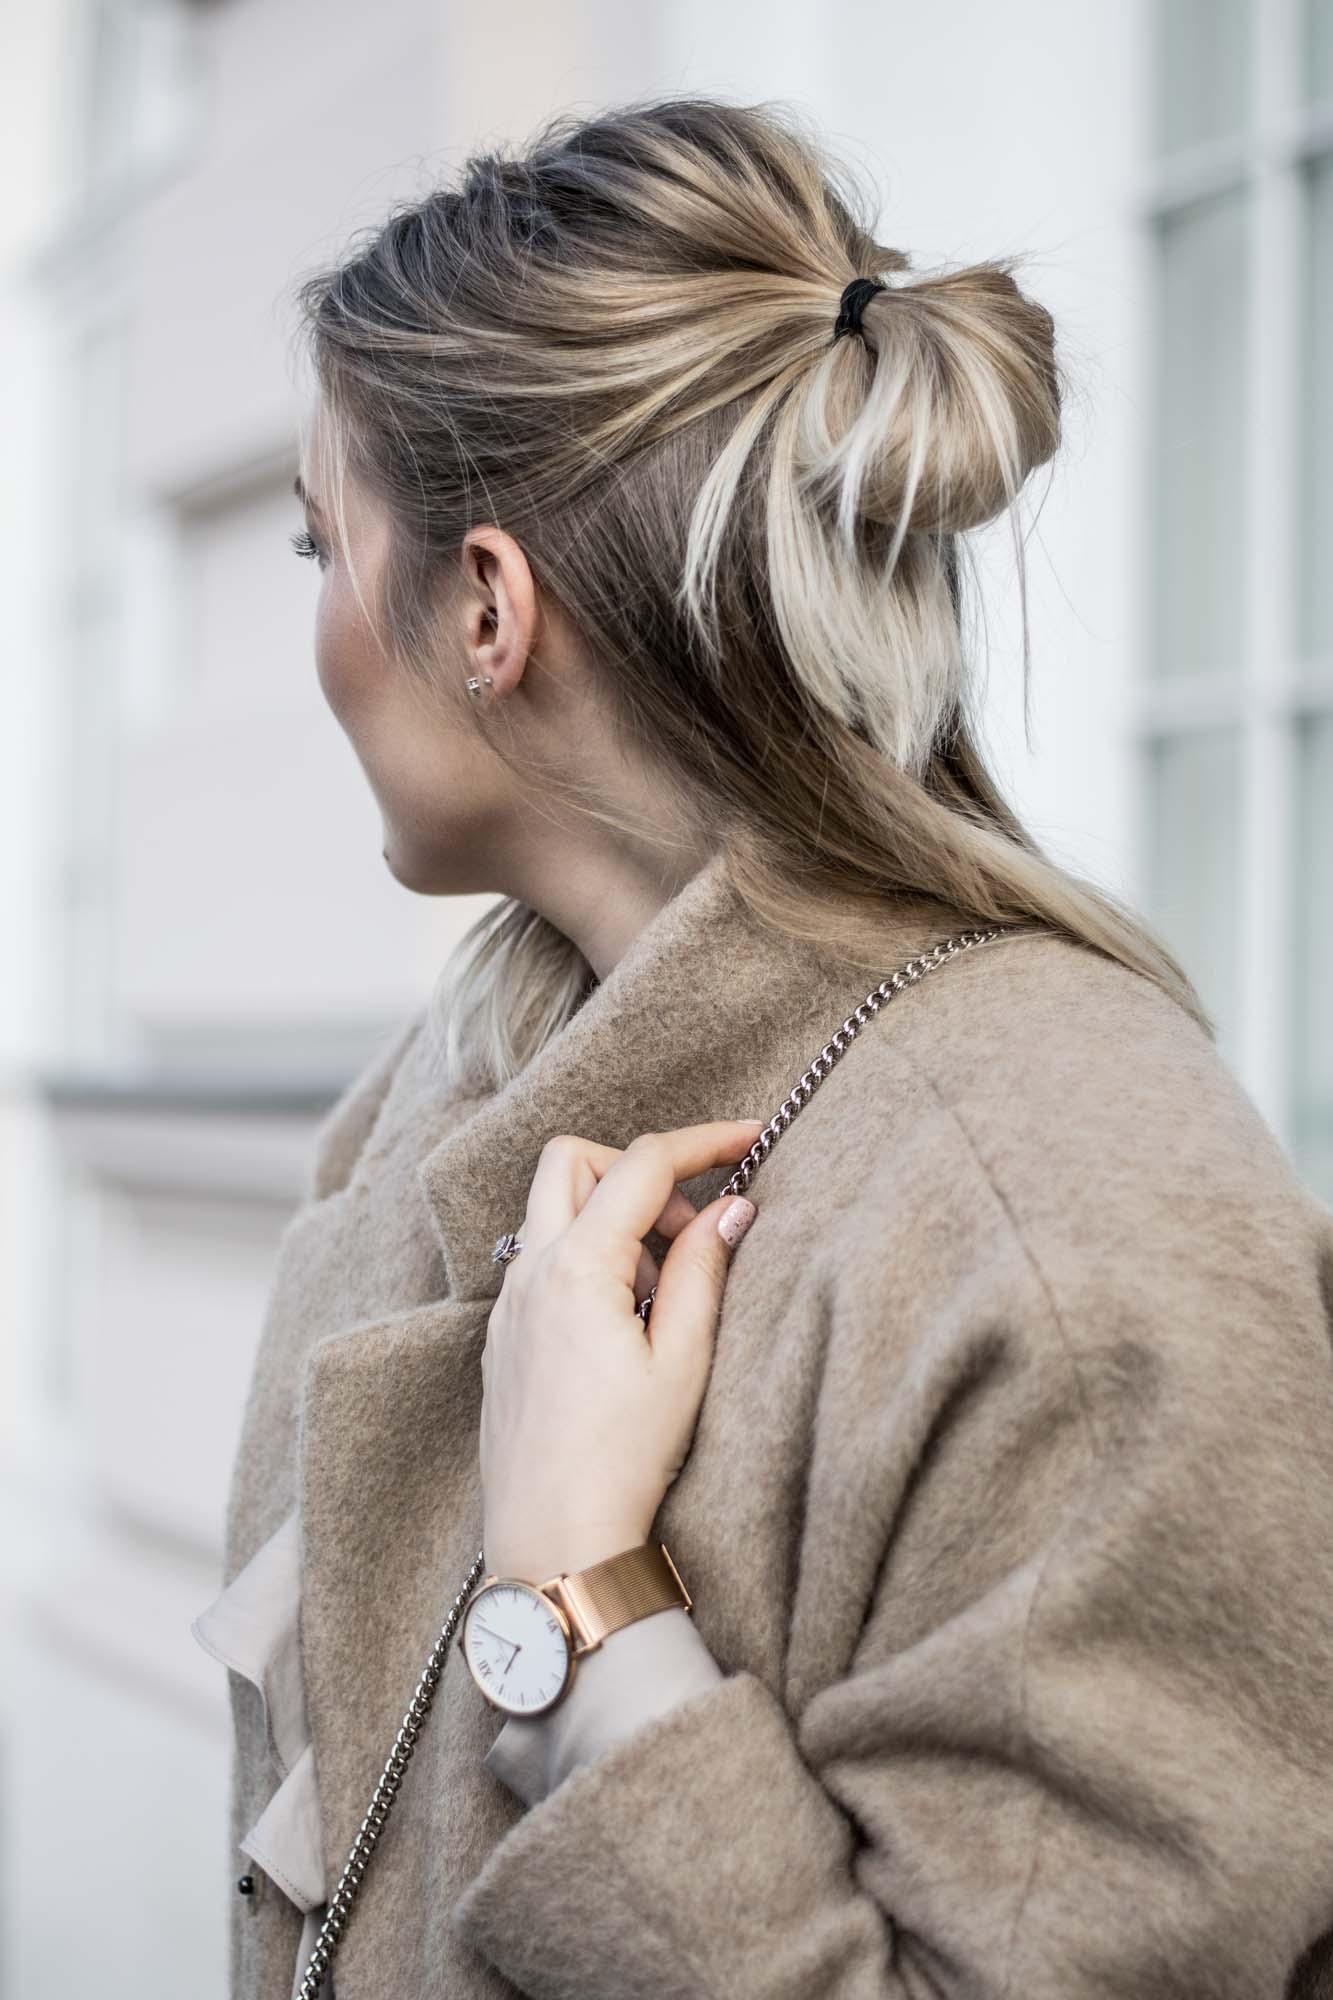 giveherglitter-camelcoat-fashionblog-6